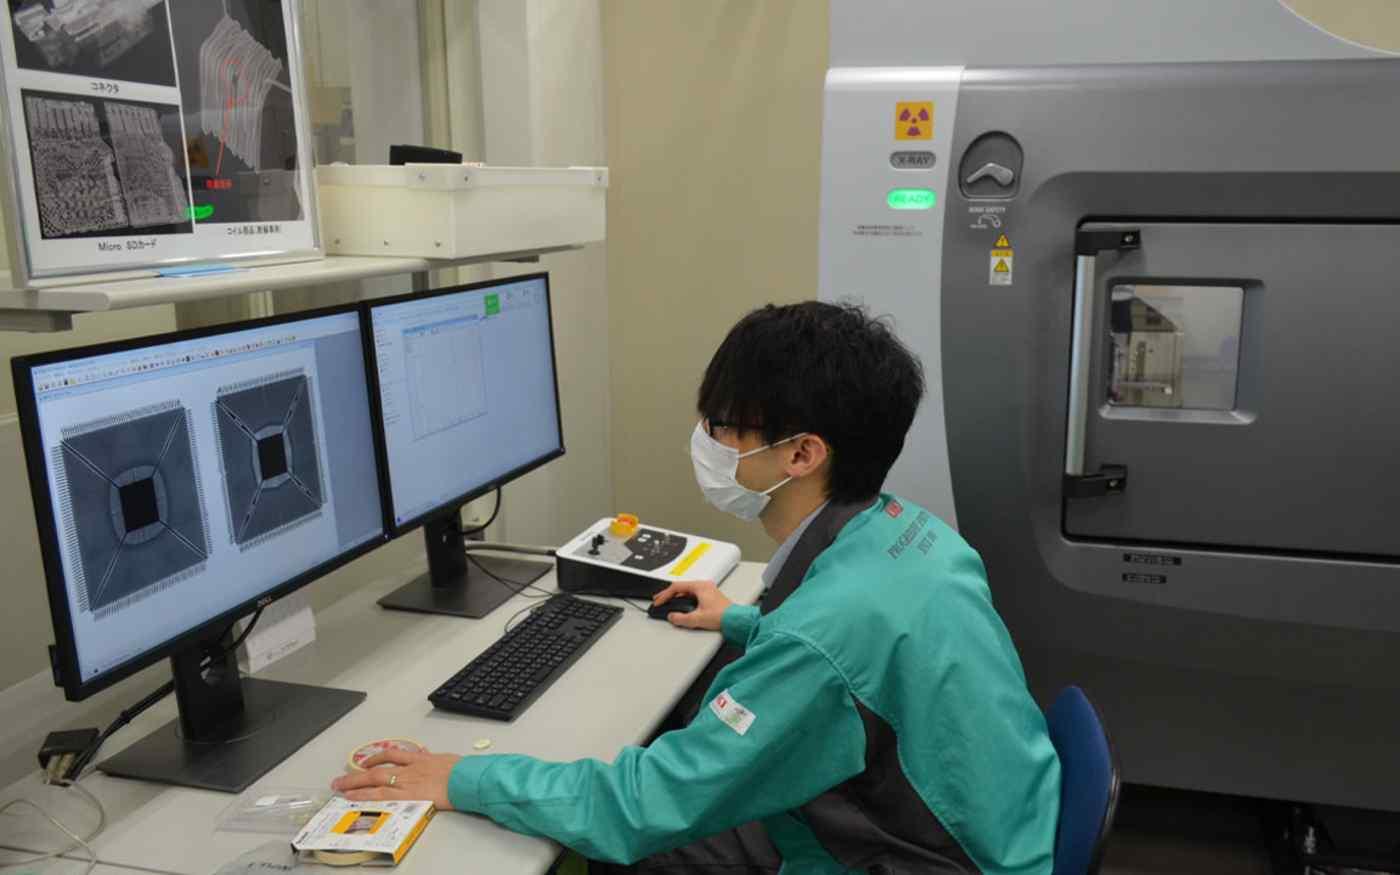 Một kỹ sư tại Oki Engineering đang kiểm tra chất lượng chip bán dẫn. Ảnh: Nikkei Asia